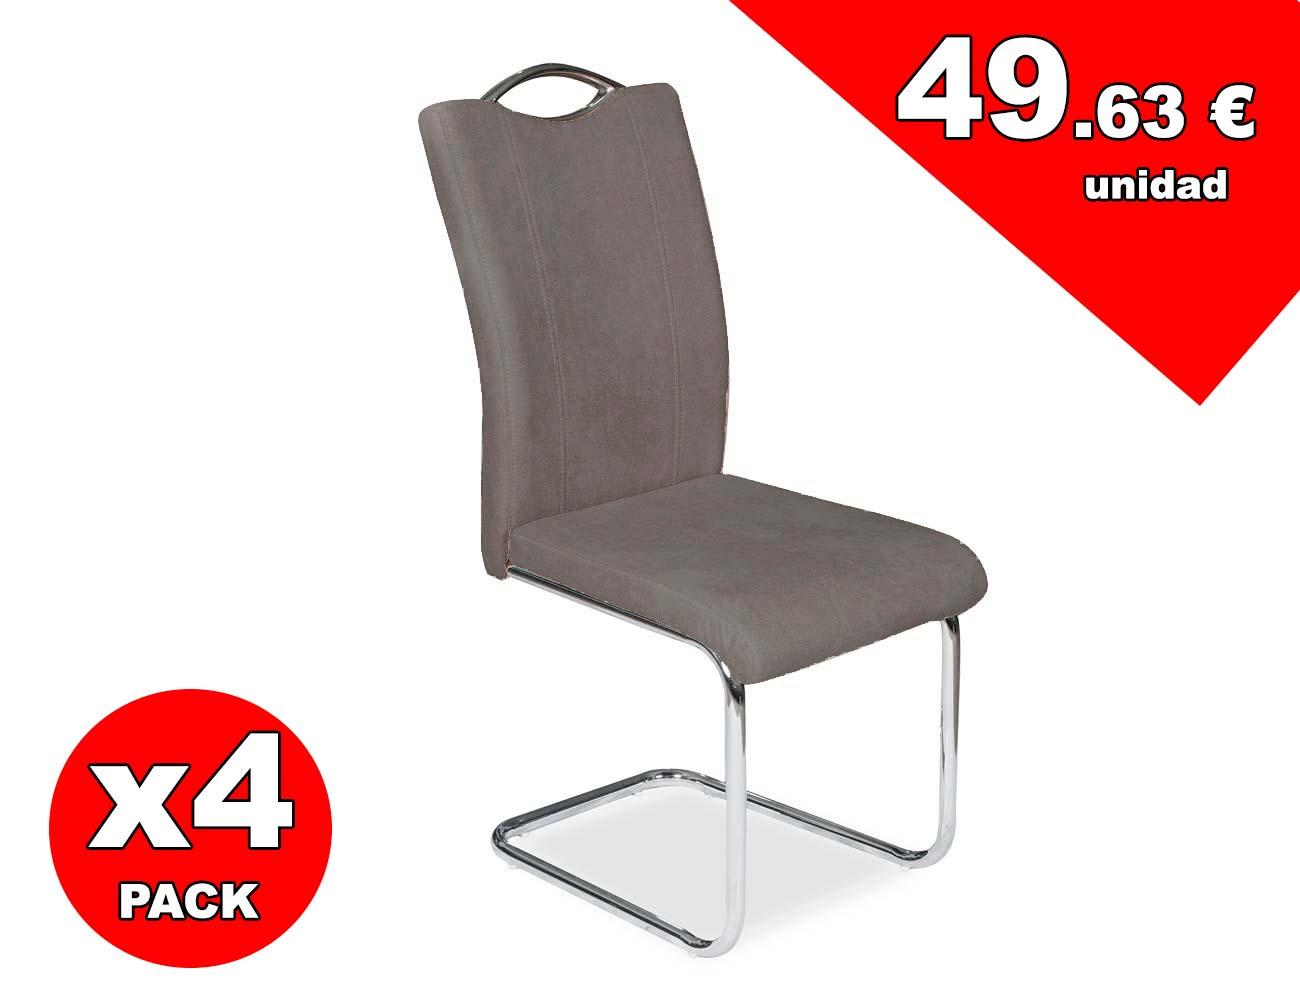 Juego de 4 sillas con respaldo y asiento tapizado en gris for Sillas cromadas precios